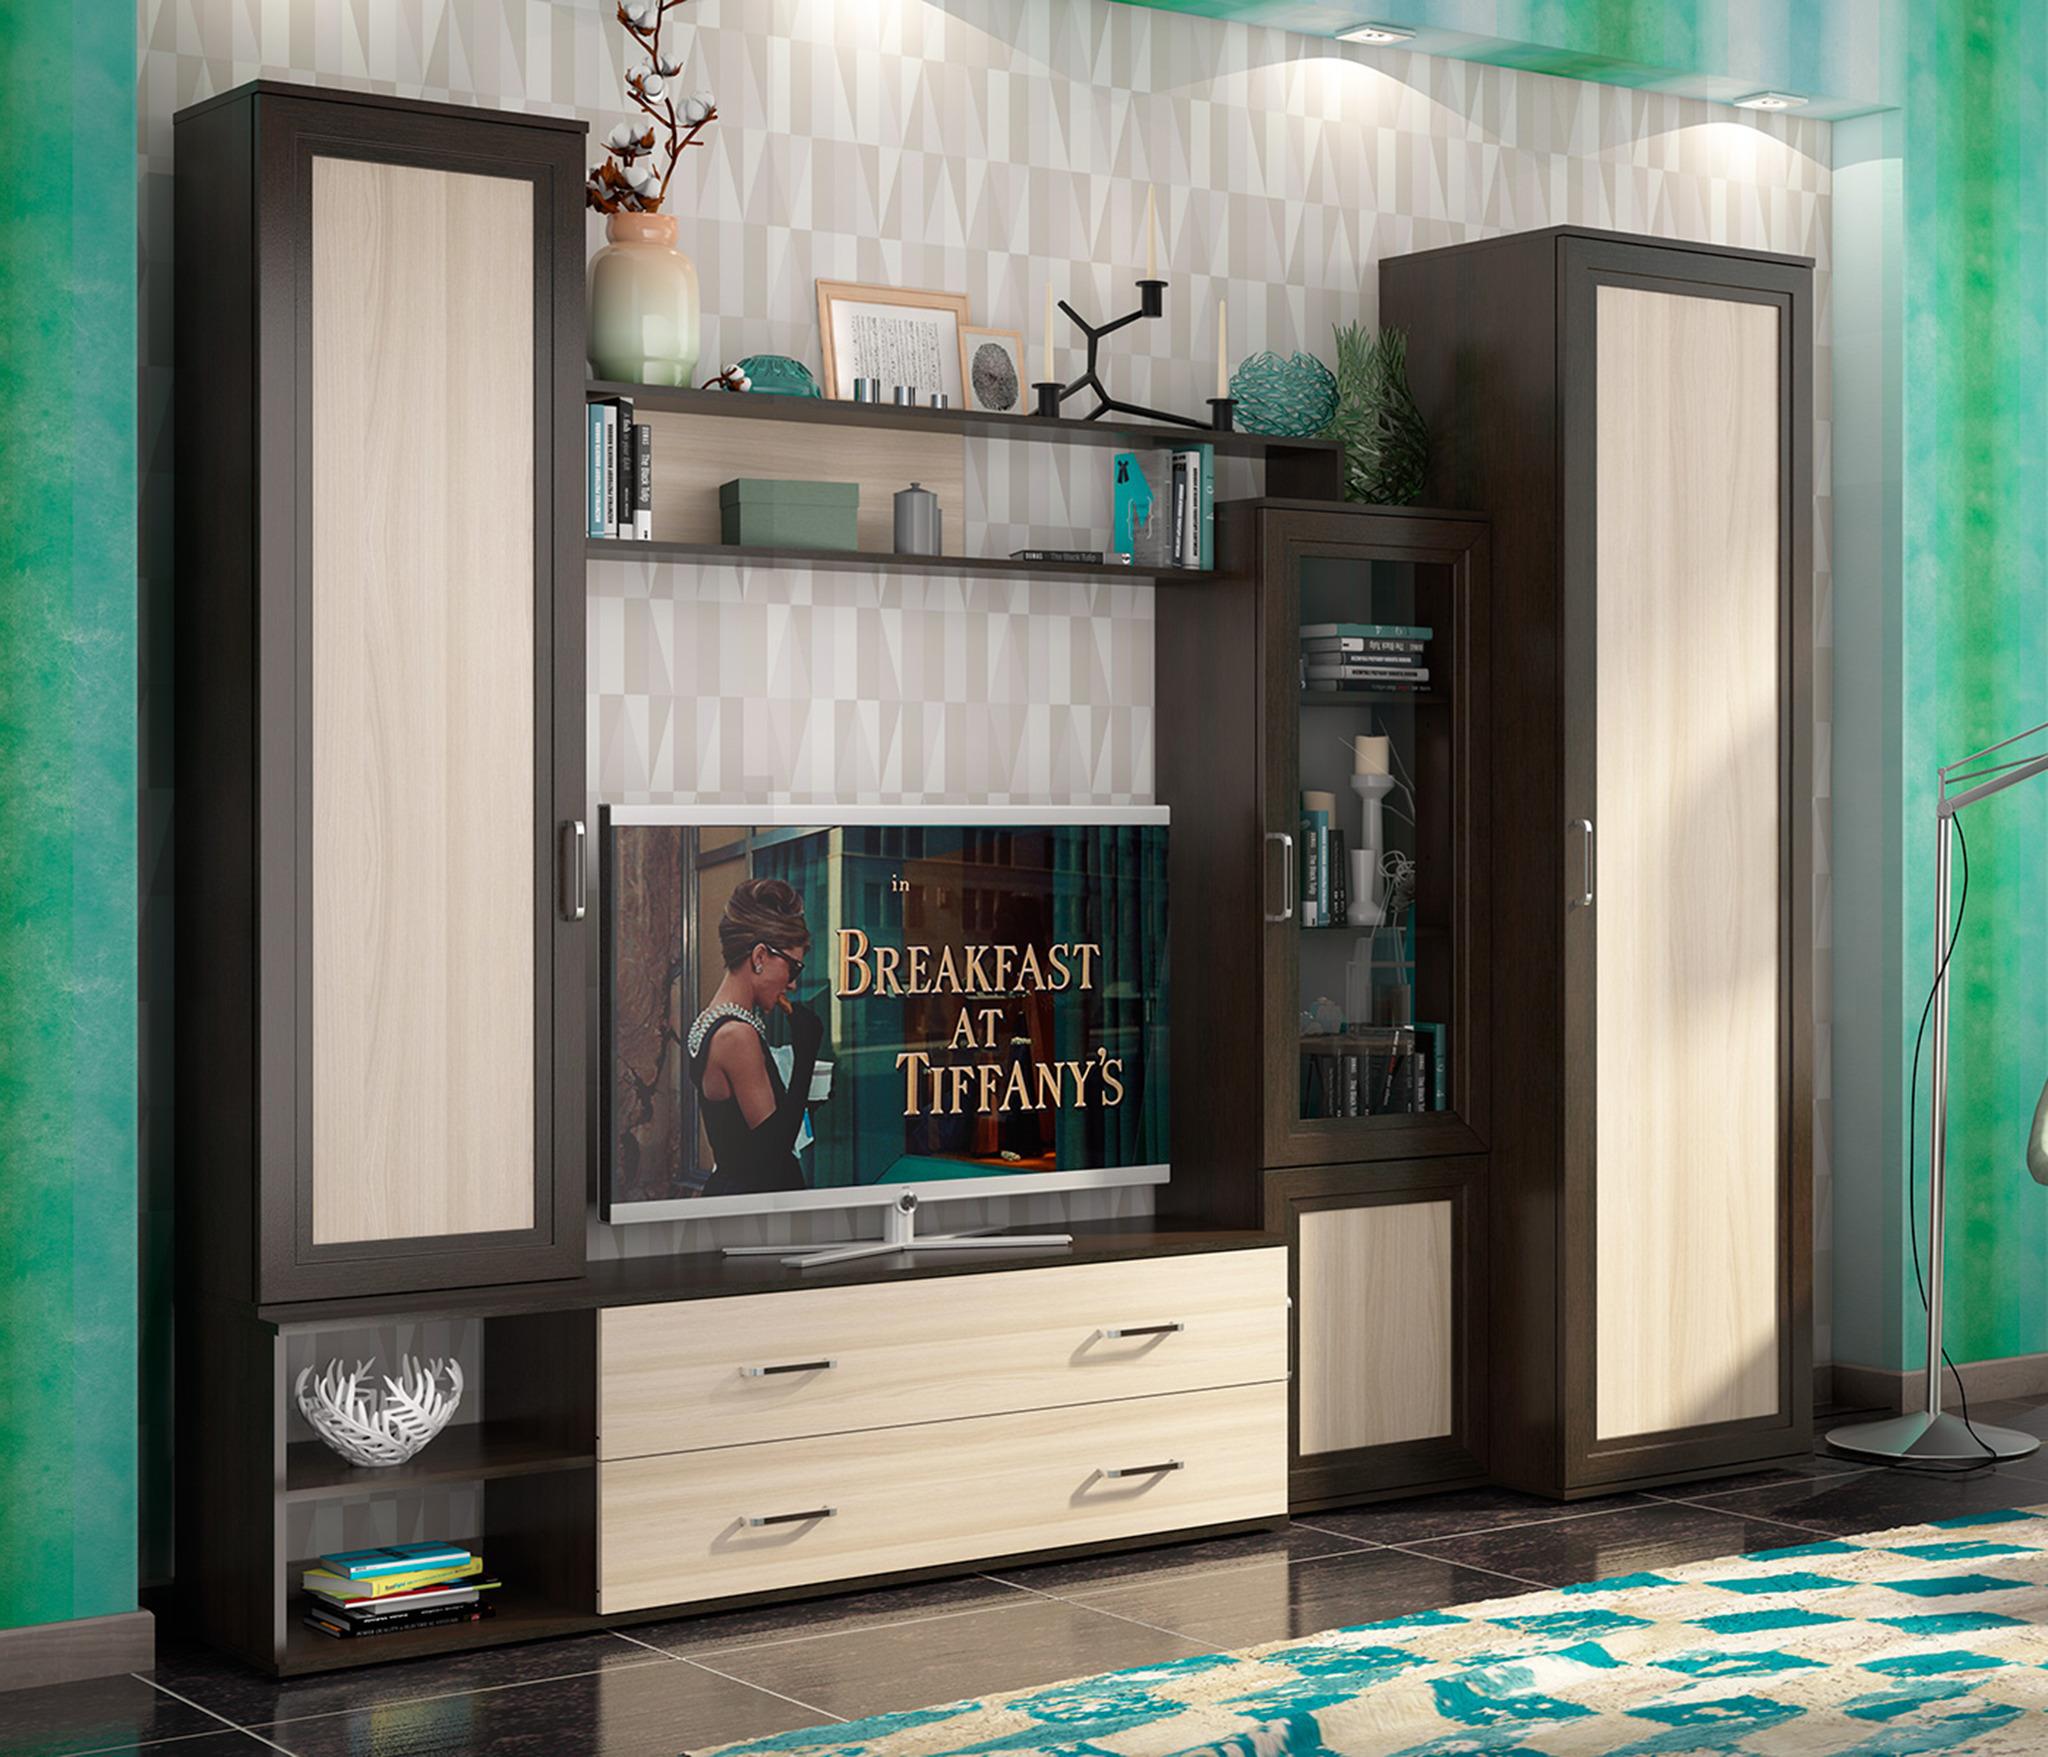 Гостиная АбельСтенки для гостиной<br>Размер места под ТВ: 117.2х107.2 см.&#13;Тип направляющих: шариковые.&#13;]]&gt;<br><br>Длина мм: 2120<br>Высота мм: 2150<br>Глубина мм: 405